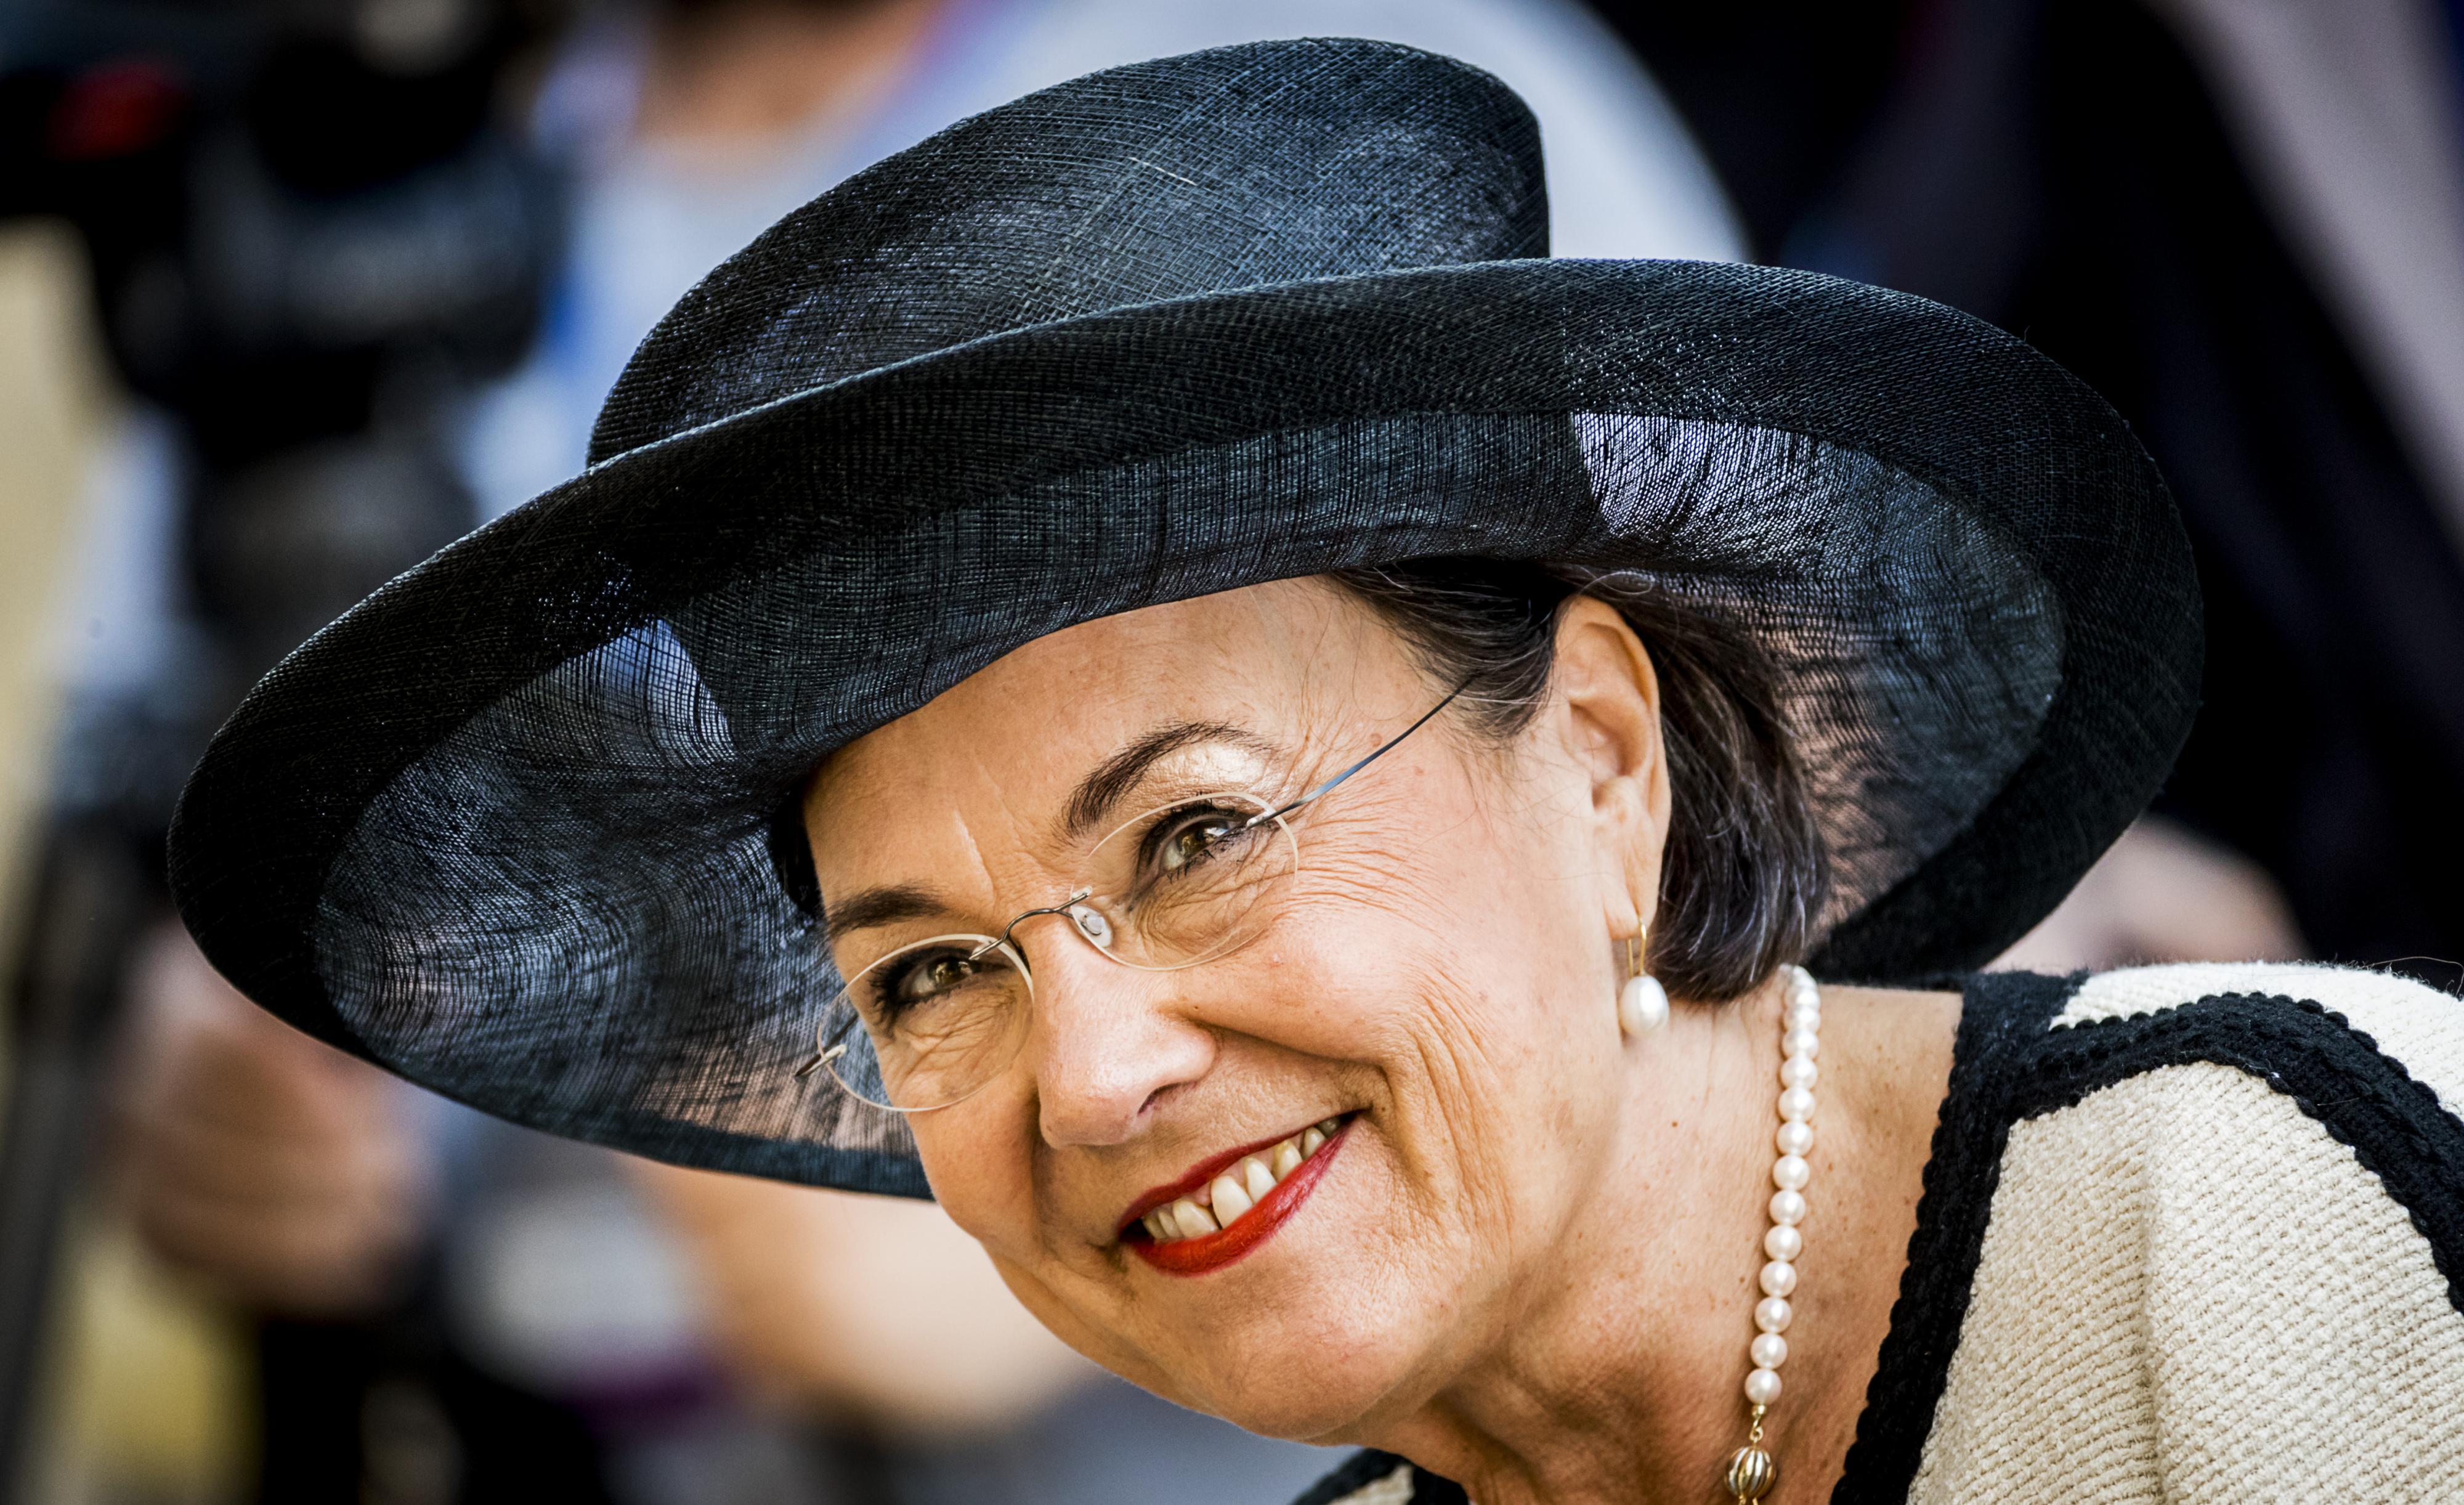 Gerdi Verbeet arriveert bij de Ridderzaal op Prinsjesdag. ANP